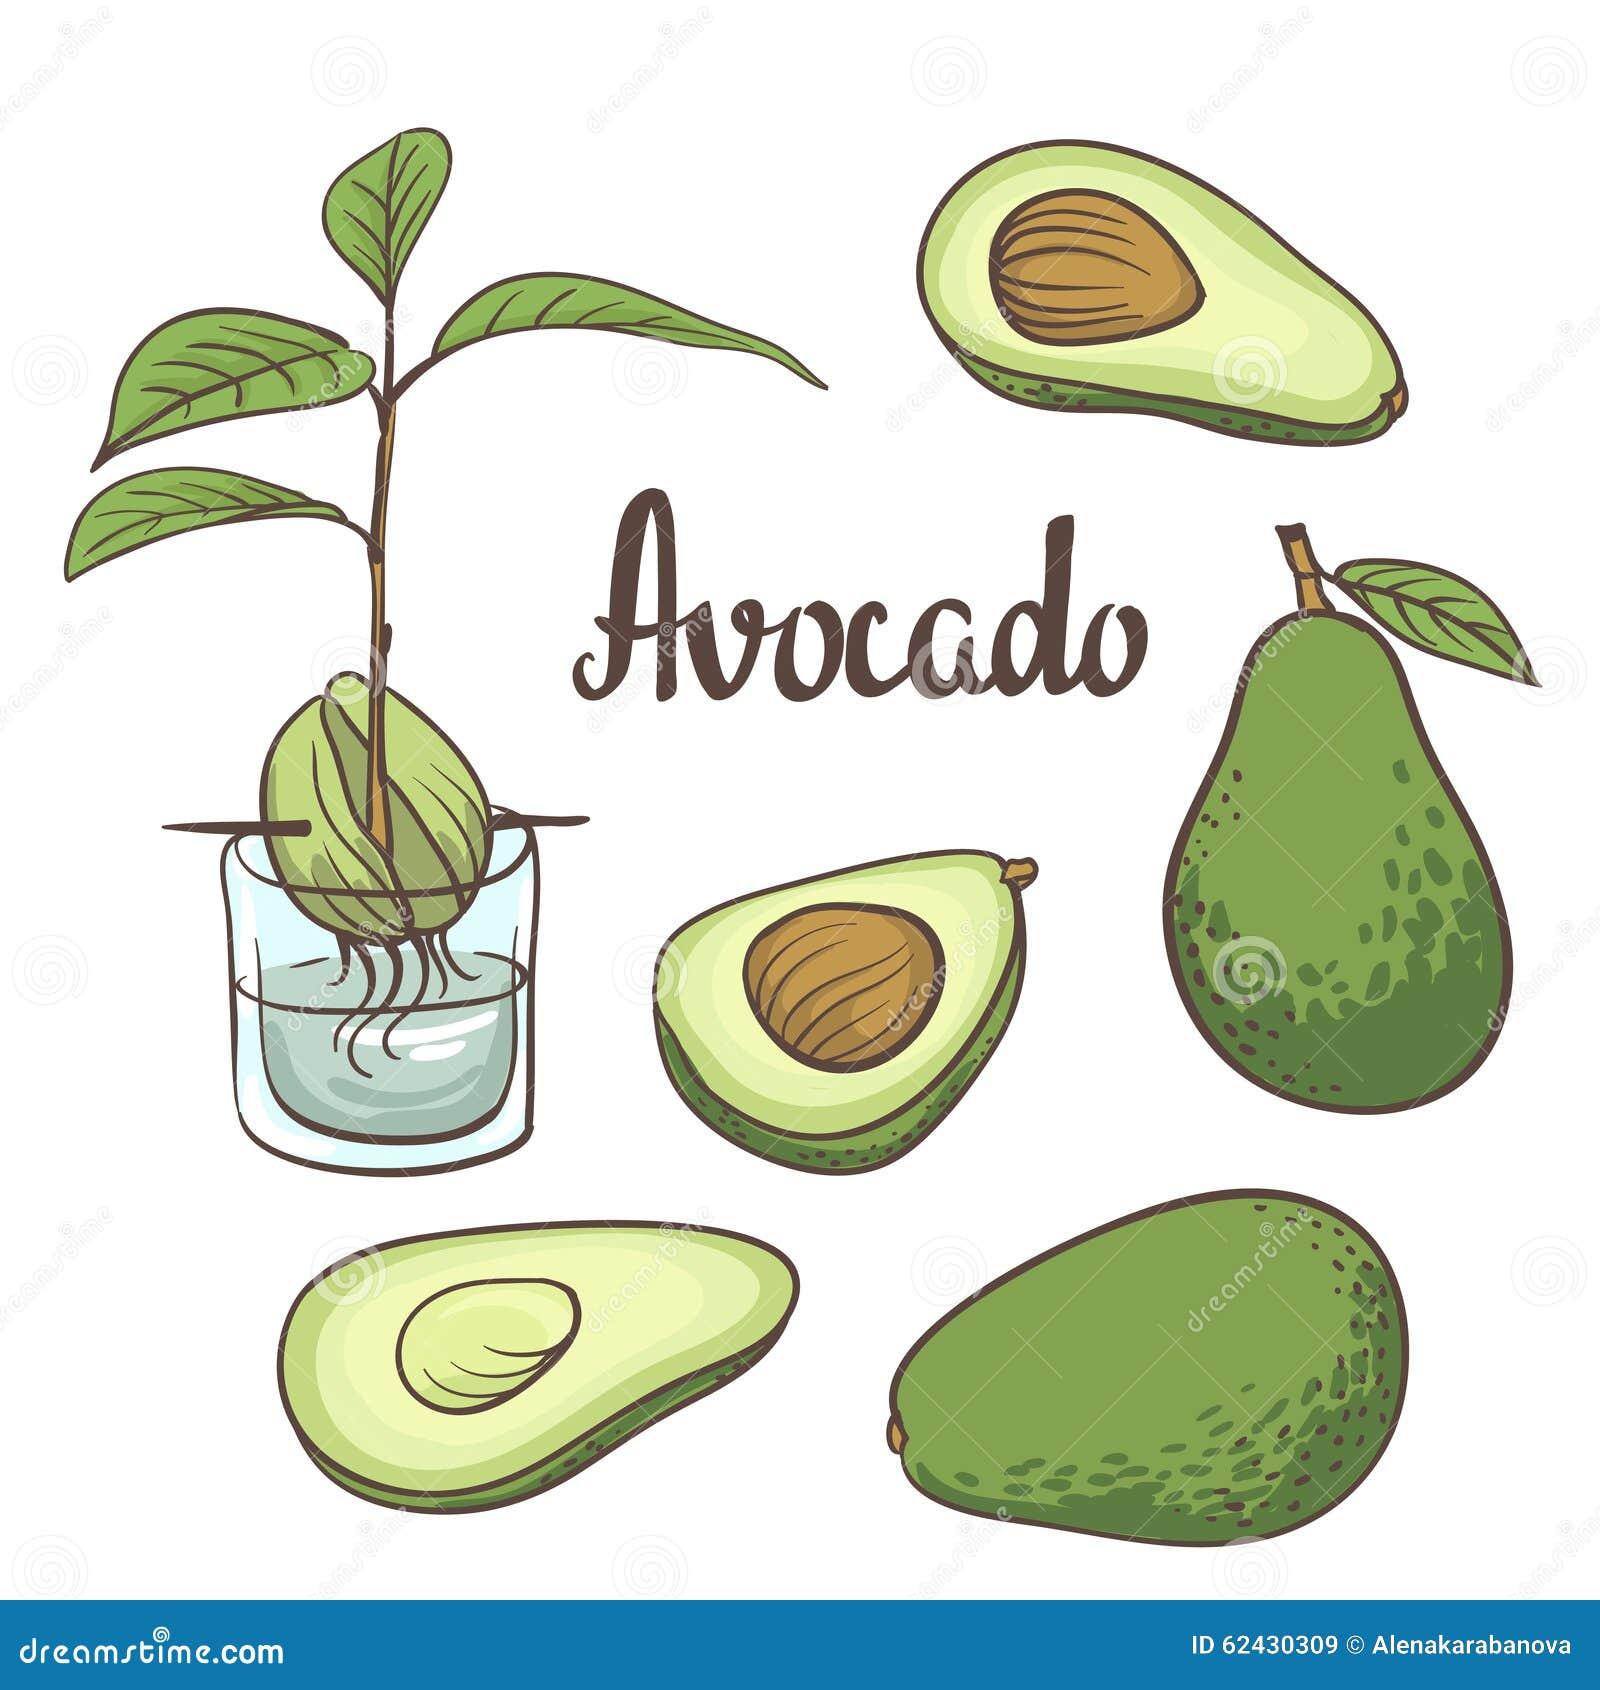 De avocado, de helft van avocado, avocadozaad, een zaailing van avocado op een laboratoriumfles isollated op witte achtergrond